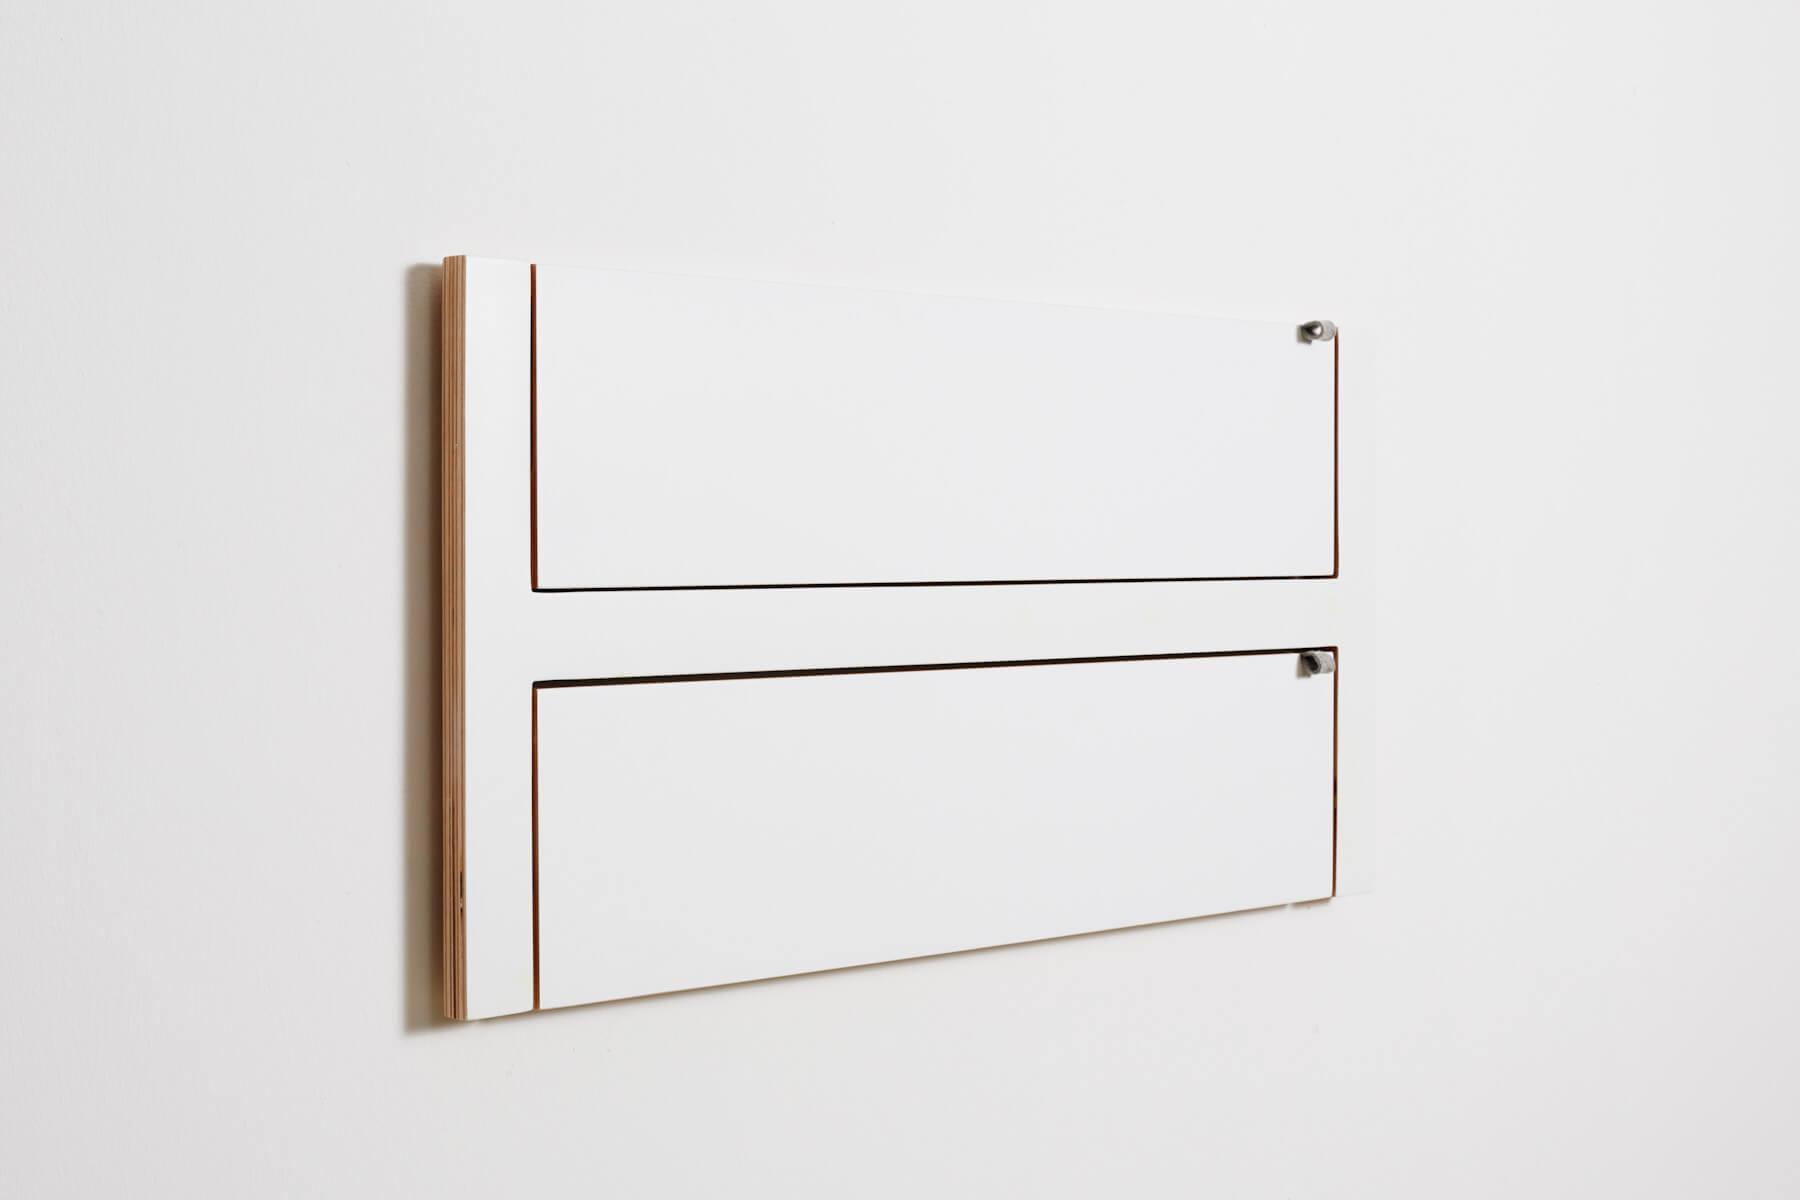 fl pps regal das doppelte schlankchen von ambivalenz. Black Bedroom Furniture Sets. Home Design Ideas